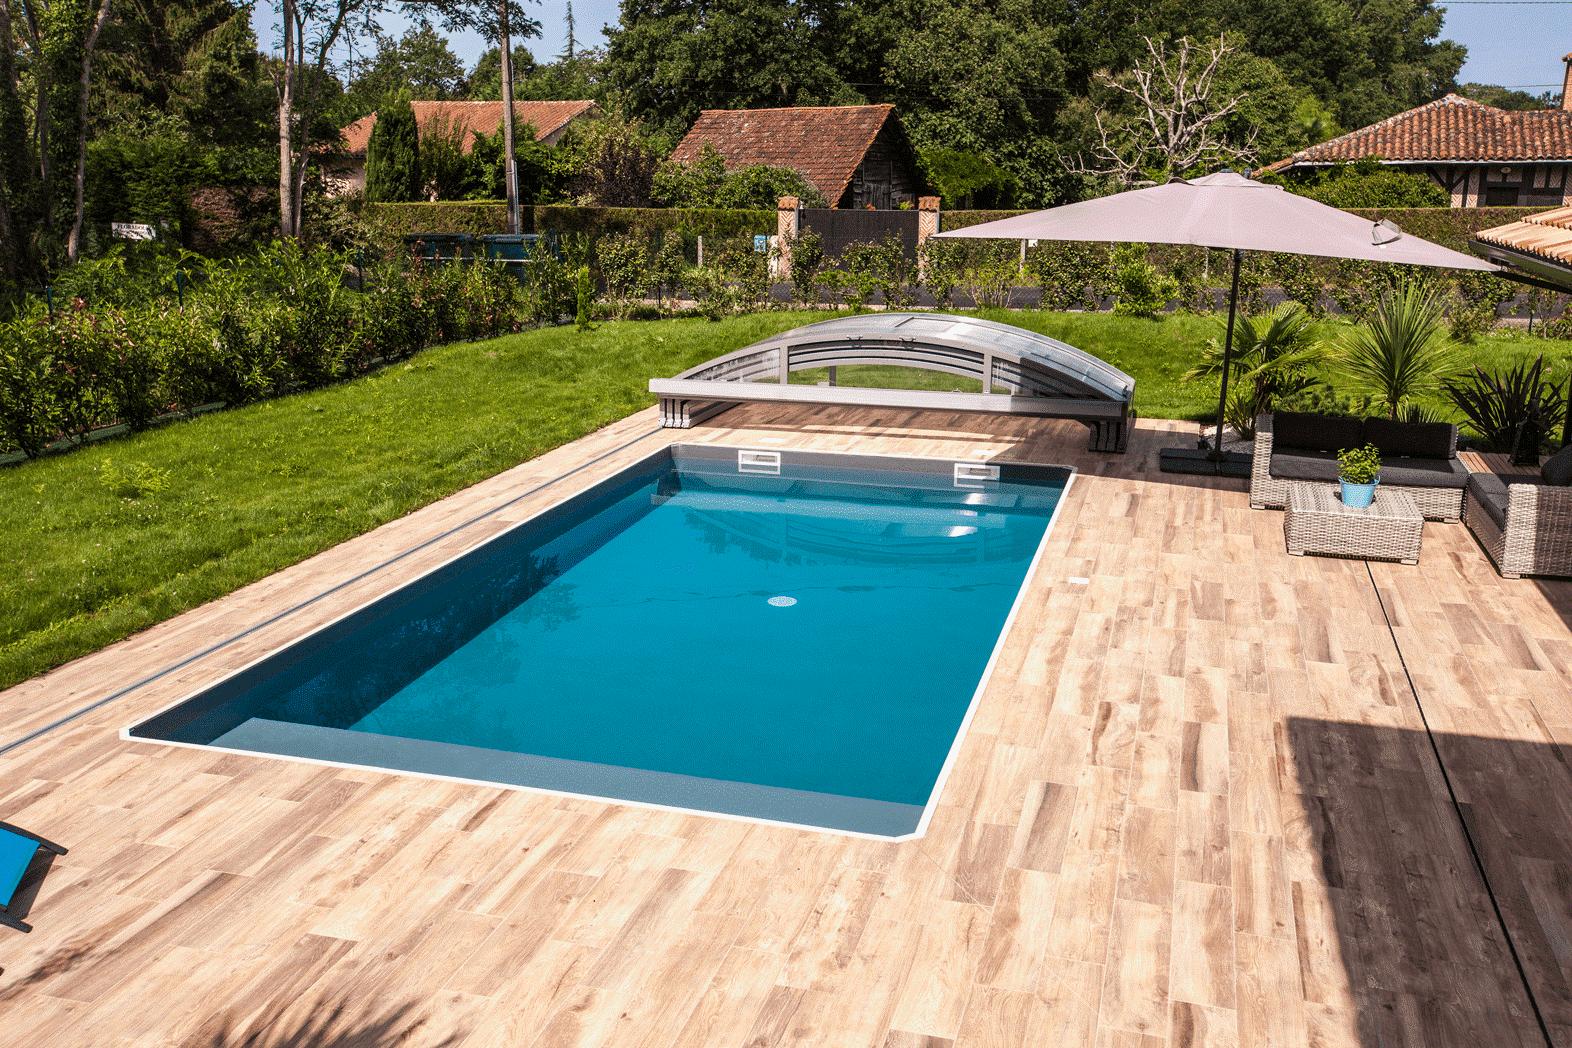 Piscina: come valorizzare la tua area relax con la giusta copertura